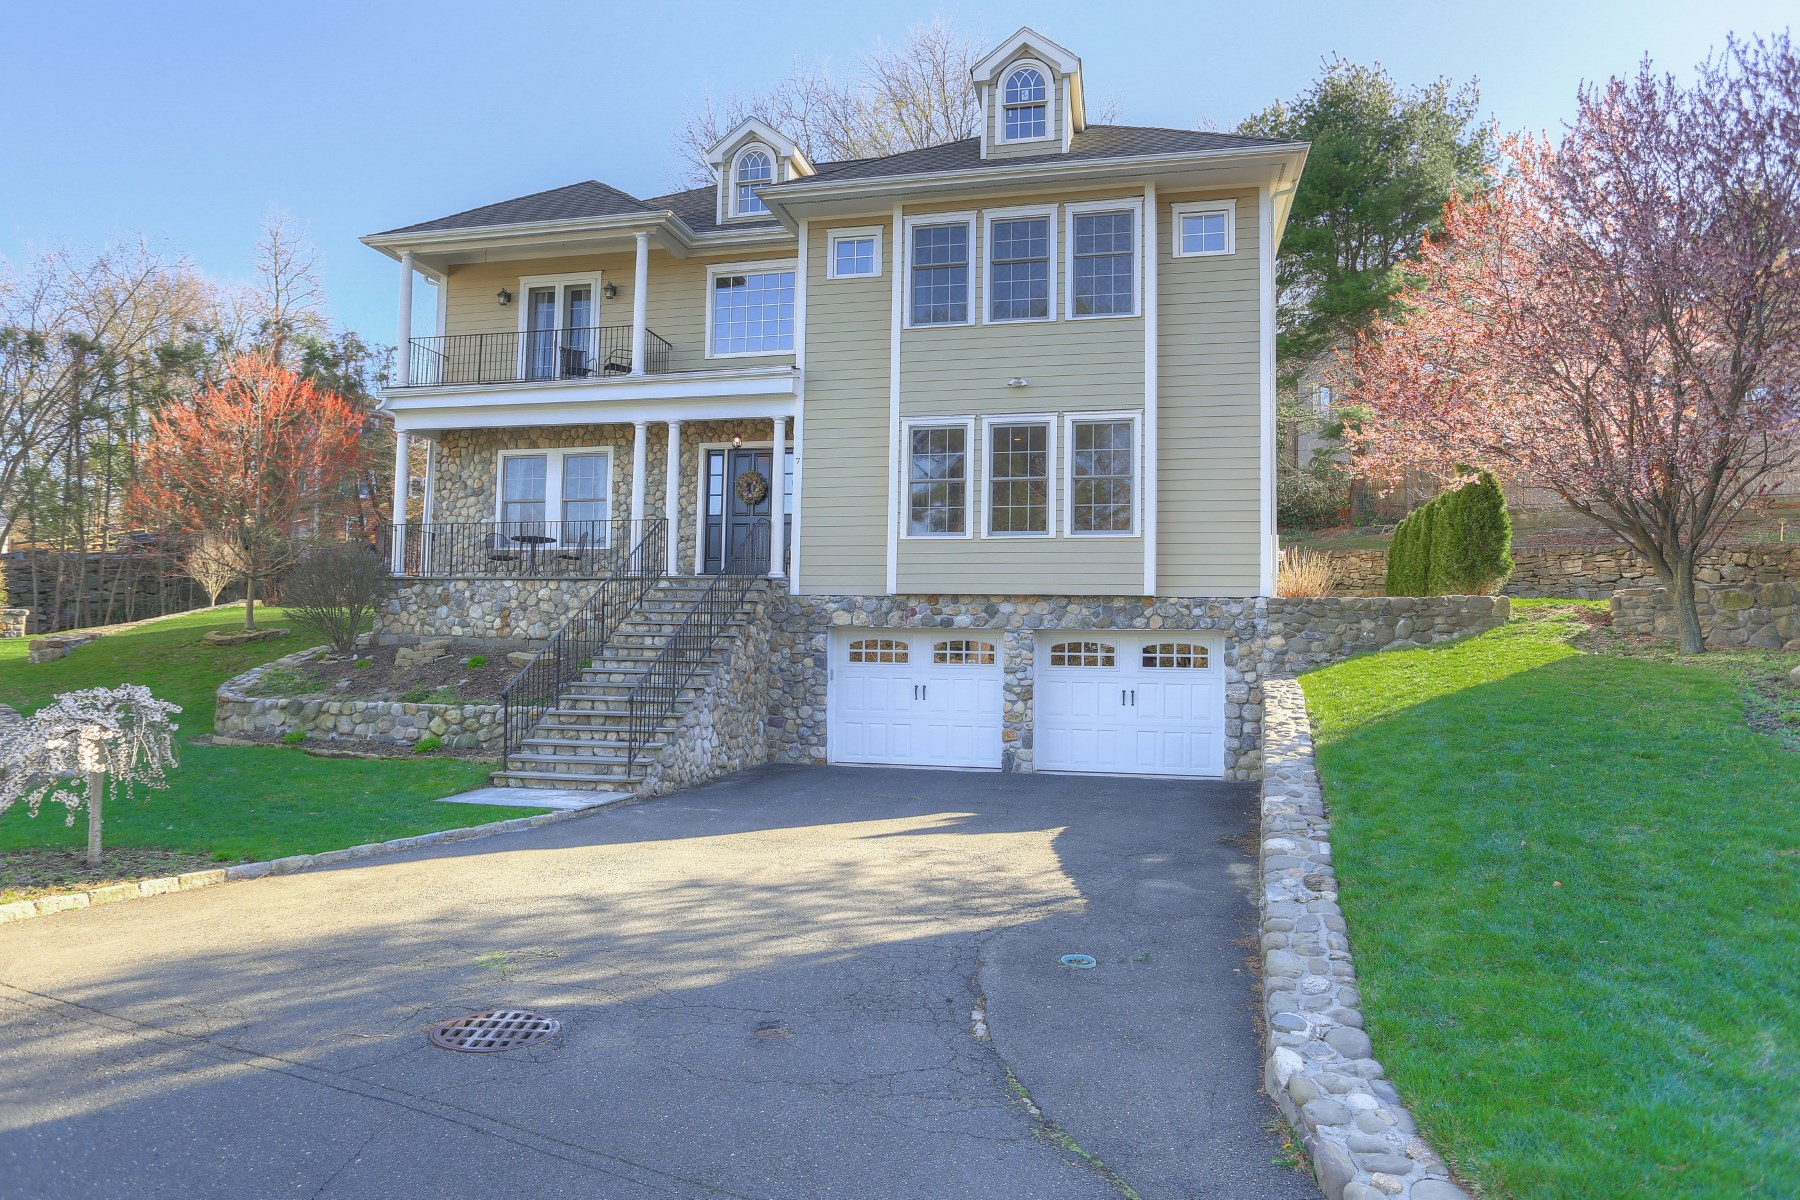 Частный односемейный дом для того Продажа на Nearly New on Quiet Lane 7 Comly Terrace Greenwich, Коннектикут, 06831 Соединенные Штаты